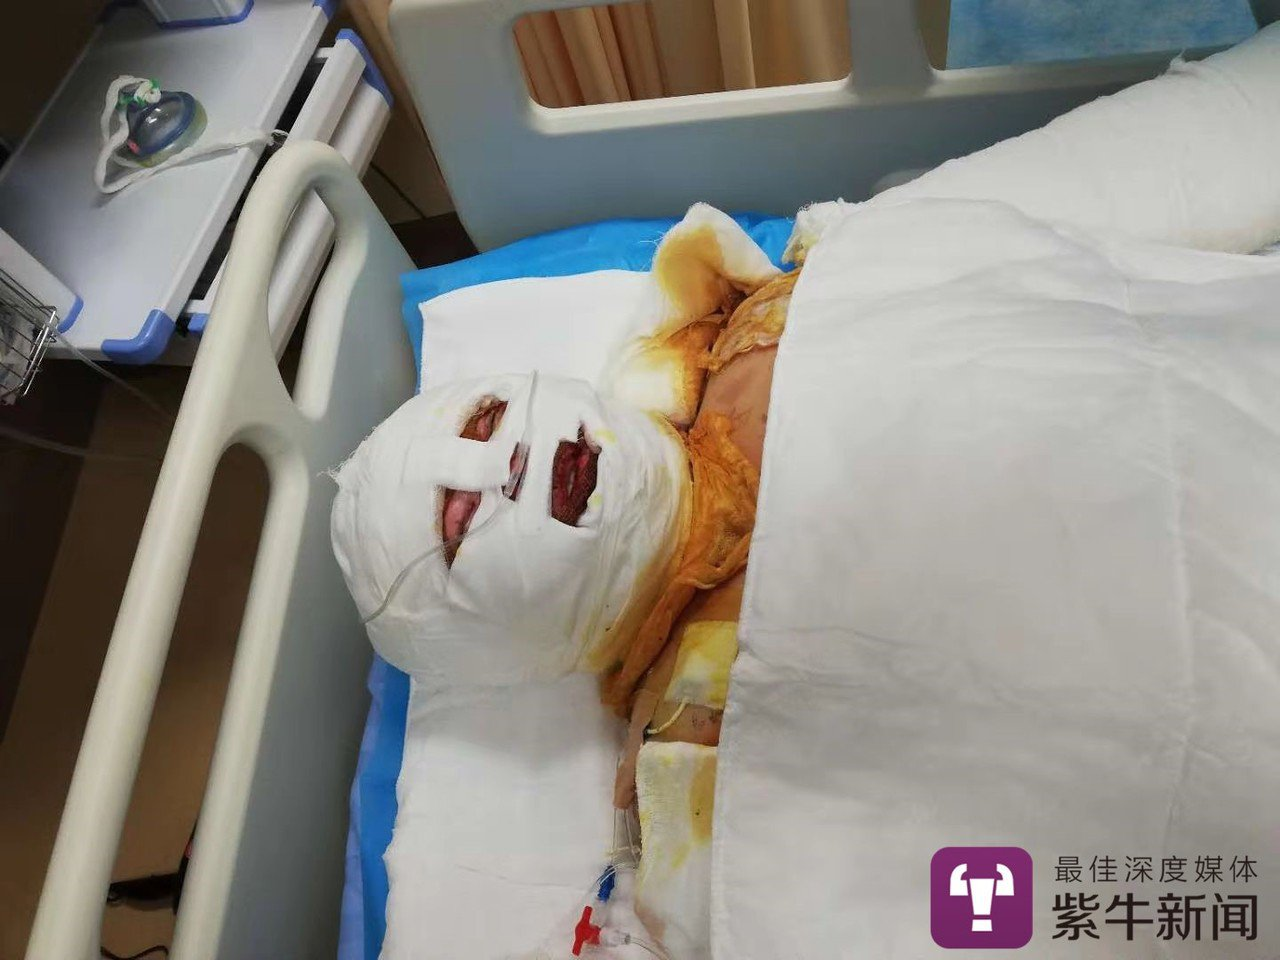 河南17歲少女李辰璽遭嚴重燒傷。圖取自紫牛新聞